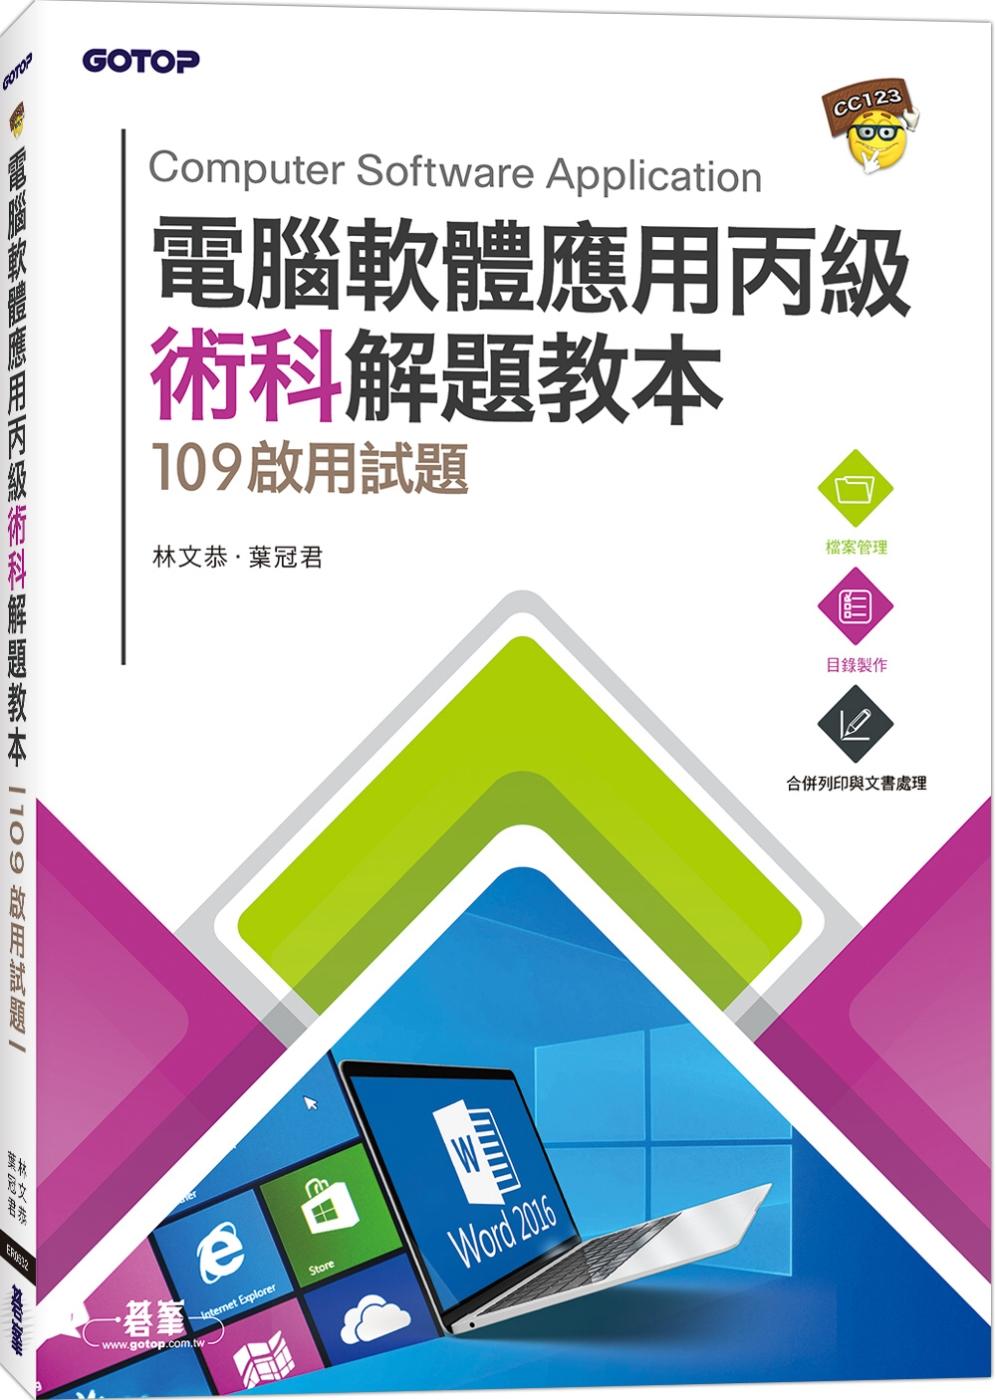 電腦軟體應用丙級術科解題教本:109年啟用試題